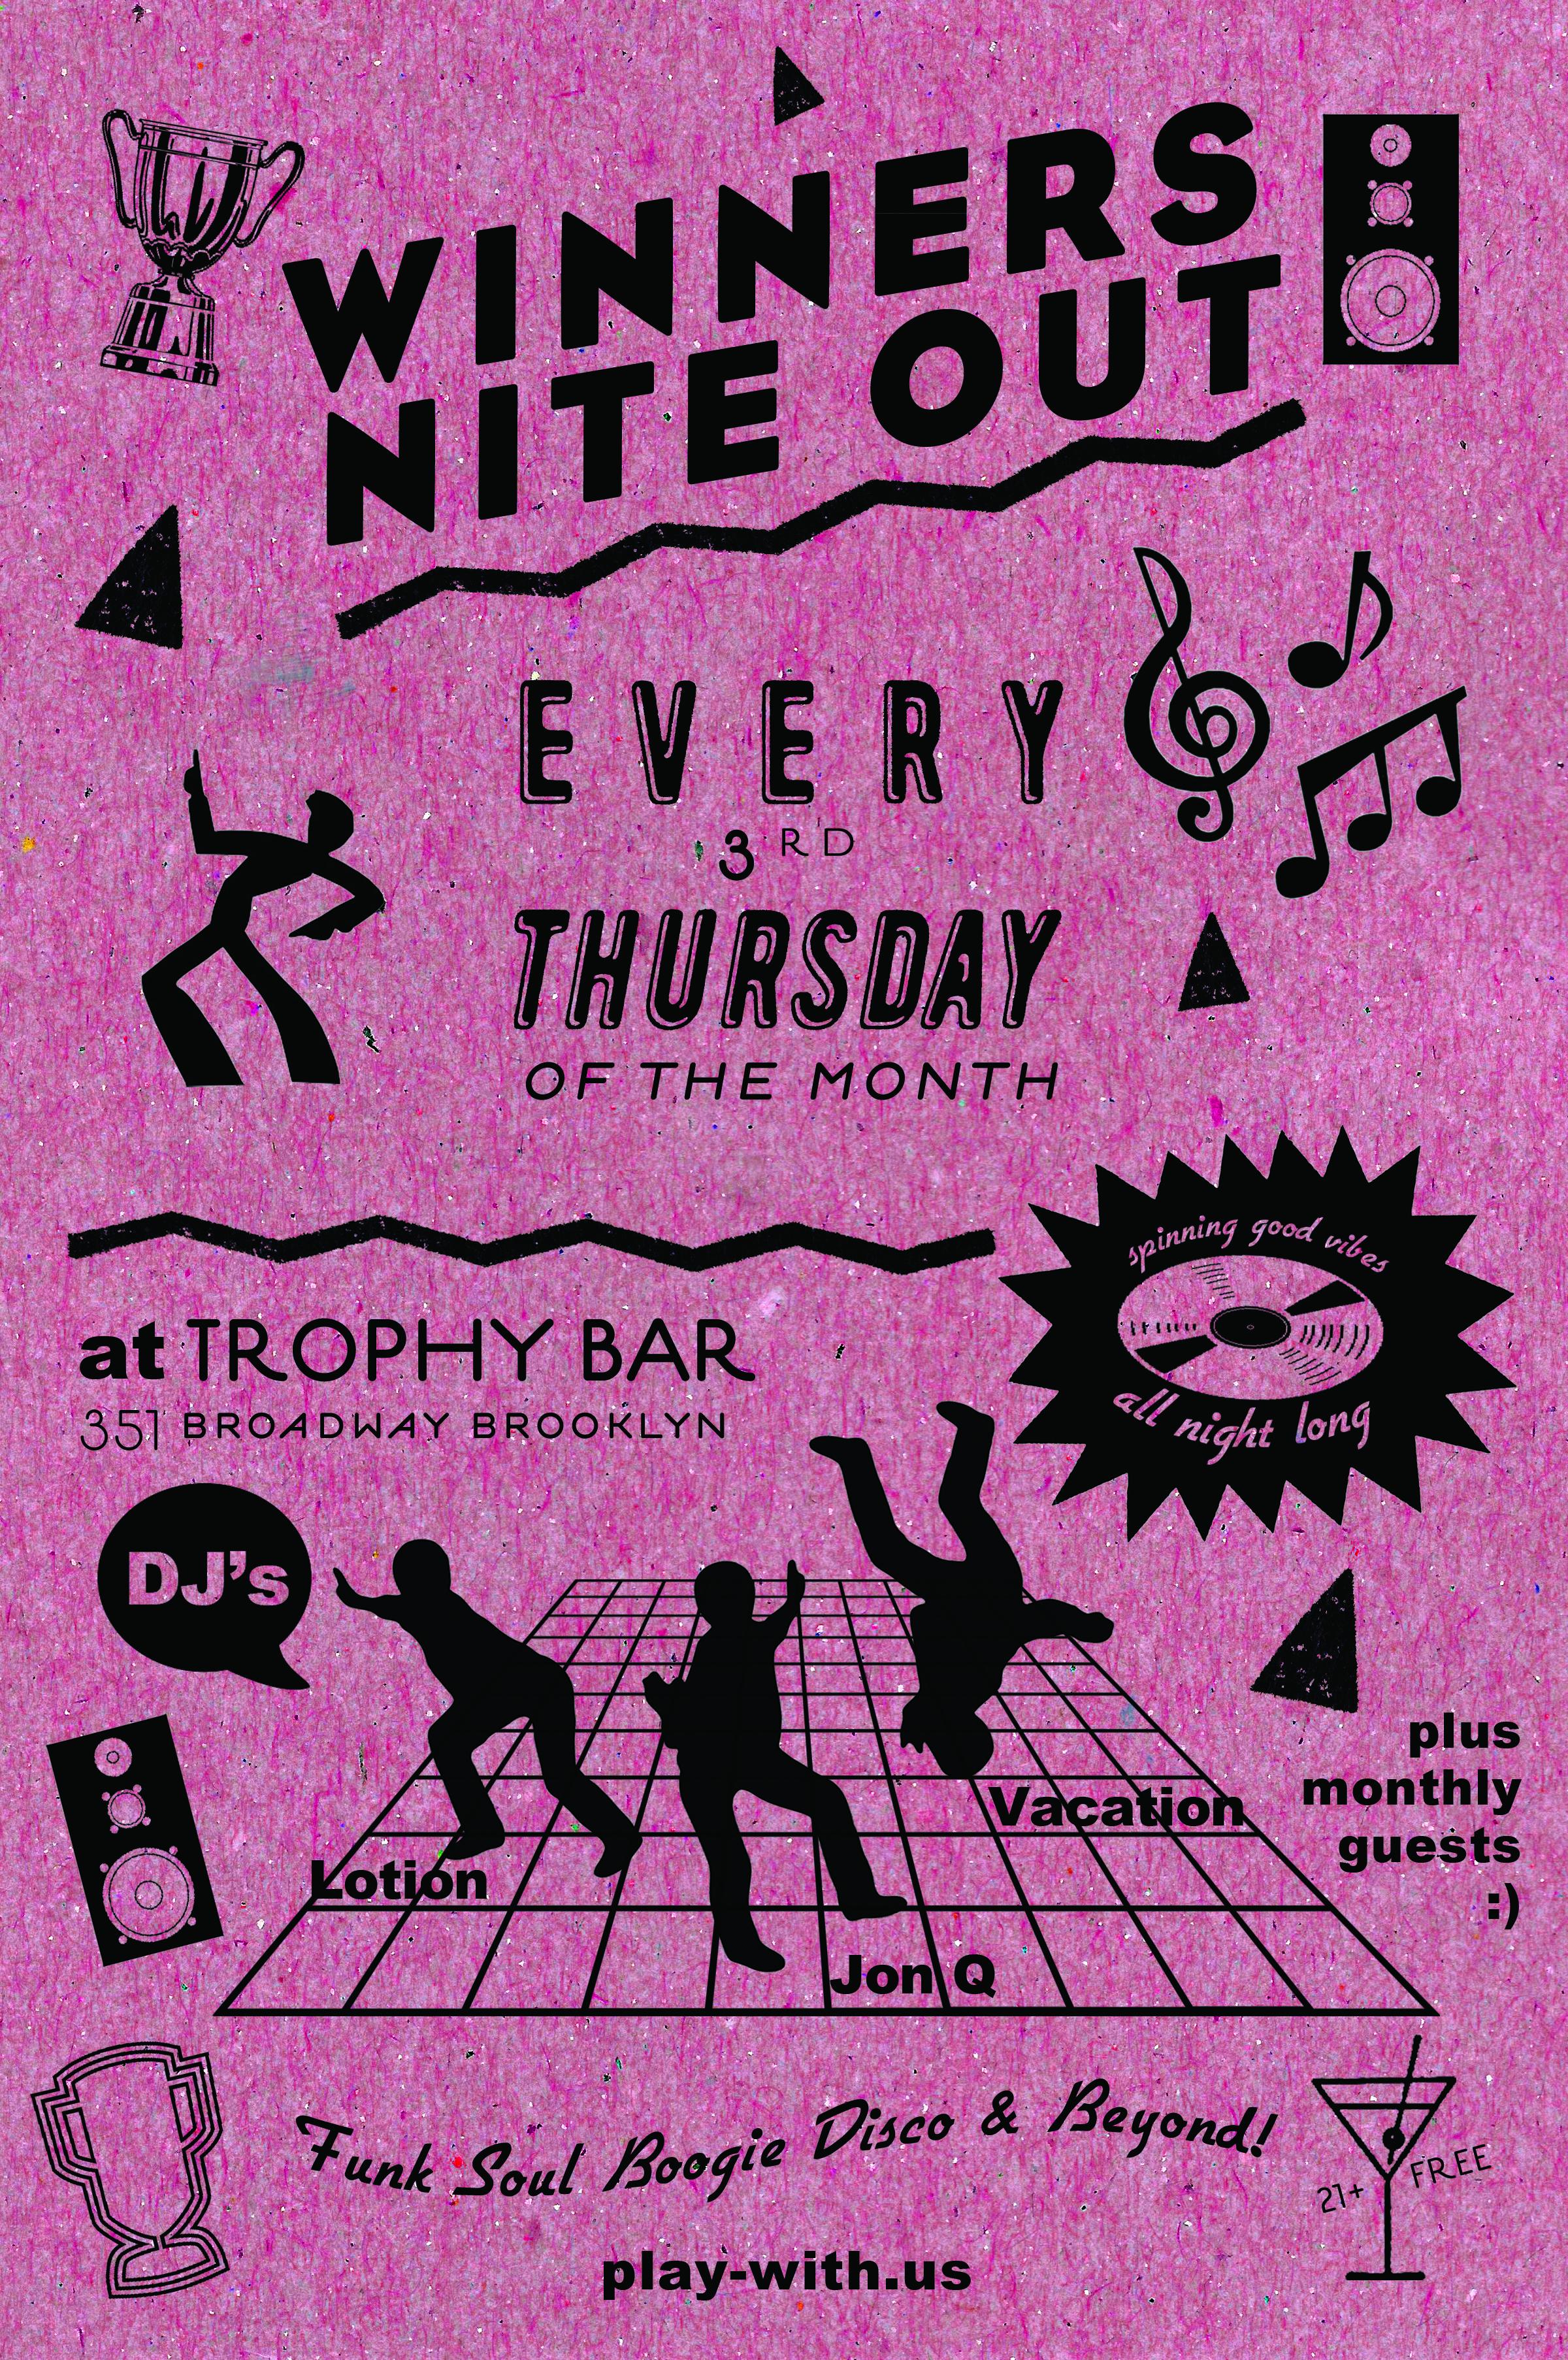 trophy winners night out flyer.jpg